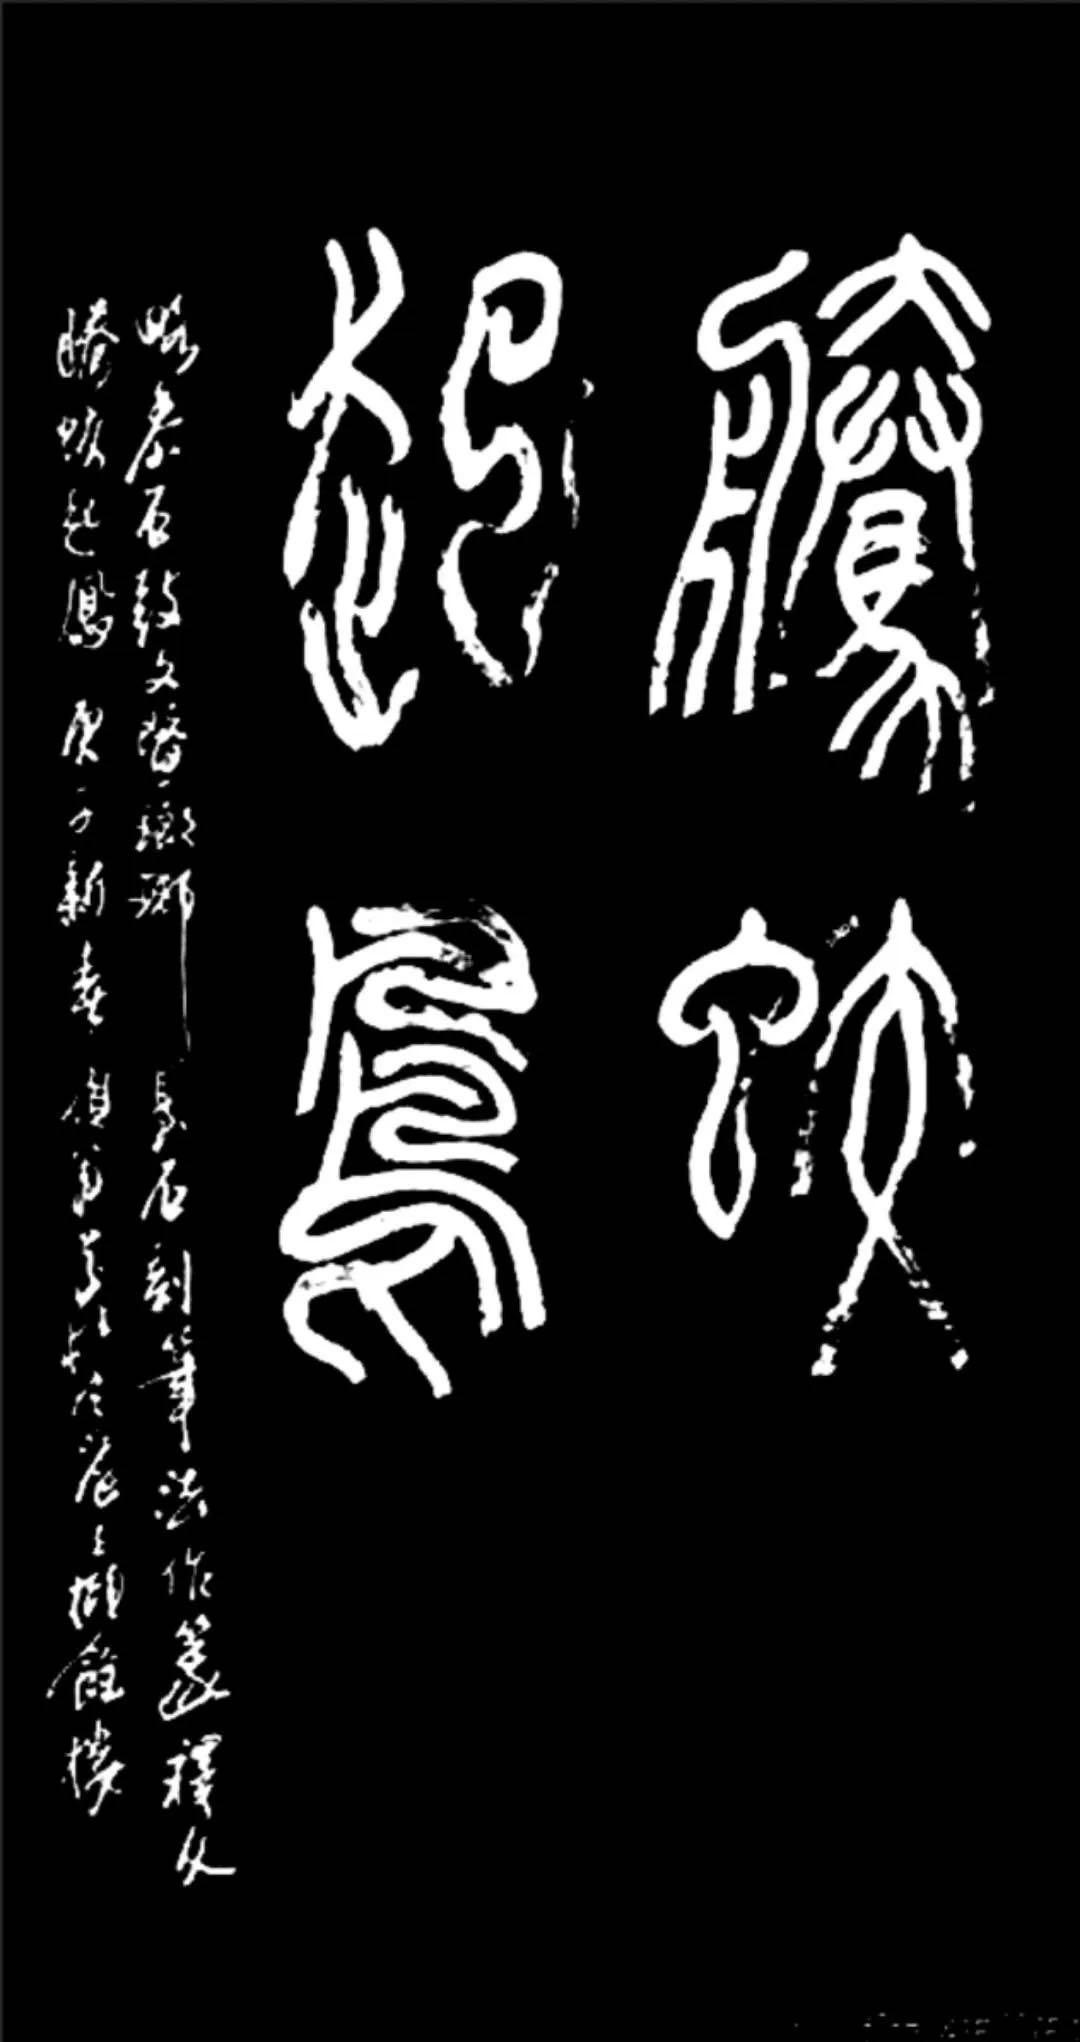 艺术苑 董芷林书画赏析之一:引脉分四绝,探源得三昧